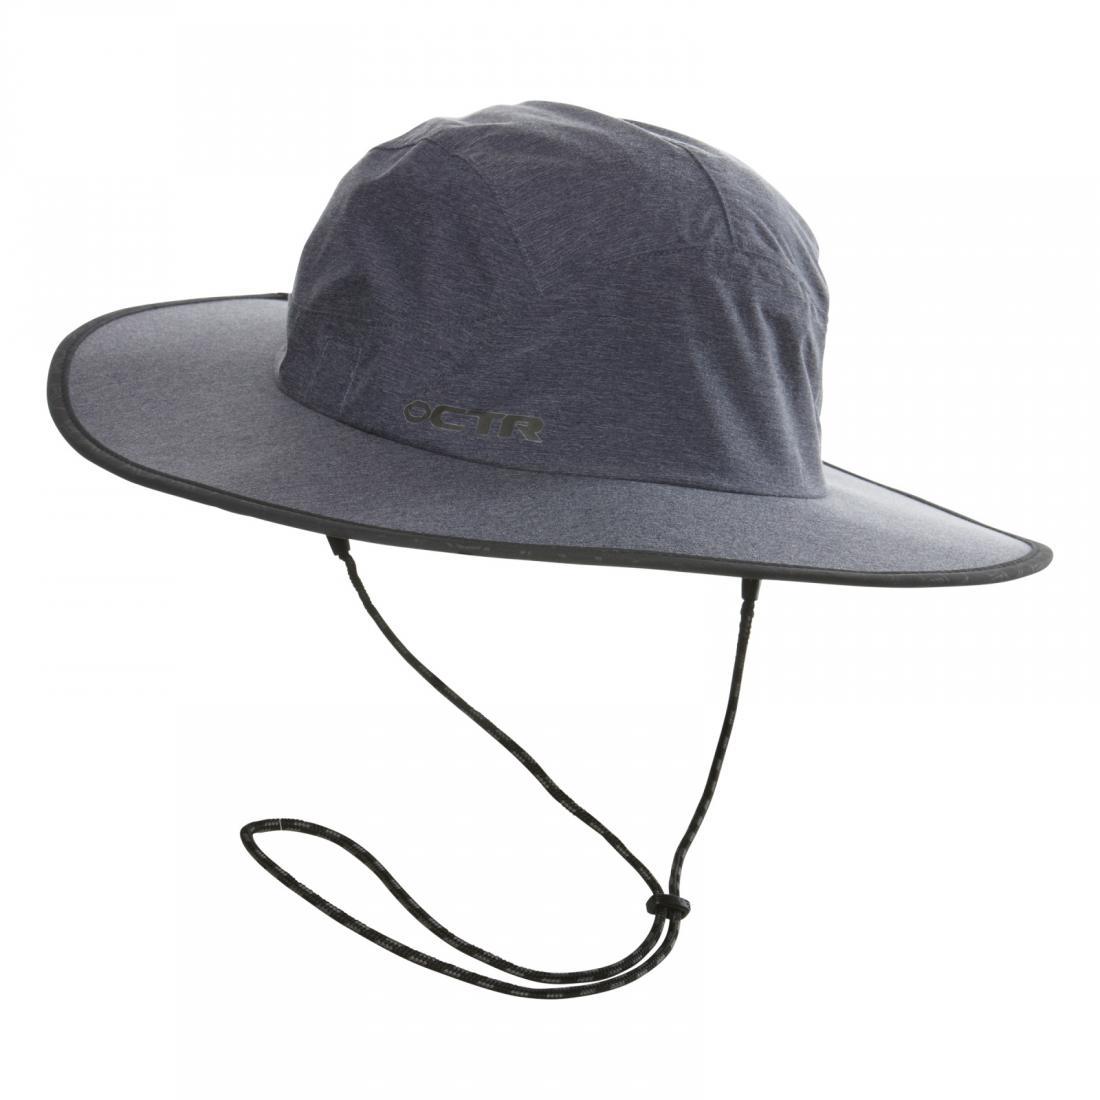 Панама Chaos  Stratus Magneto Rain HatПанамы<br><br> Стильная панама Stratus Magneto Rain Hat от Chaos — универсальный и практичный вариант для любой погоды. Она защитит вас не только от ярких солнечных лучей, но и от дождя. Эта модель выполнена из мягкой и прочной ткани, устойчивой к износу и выцвет...<br><br>Цвет: Темно-серый<br>Размер: S-M